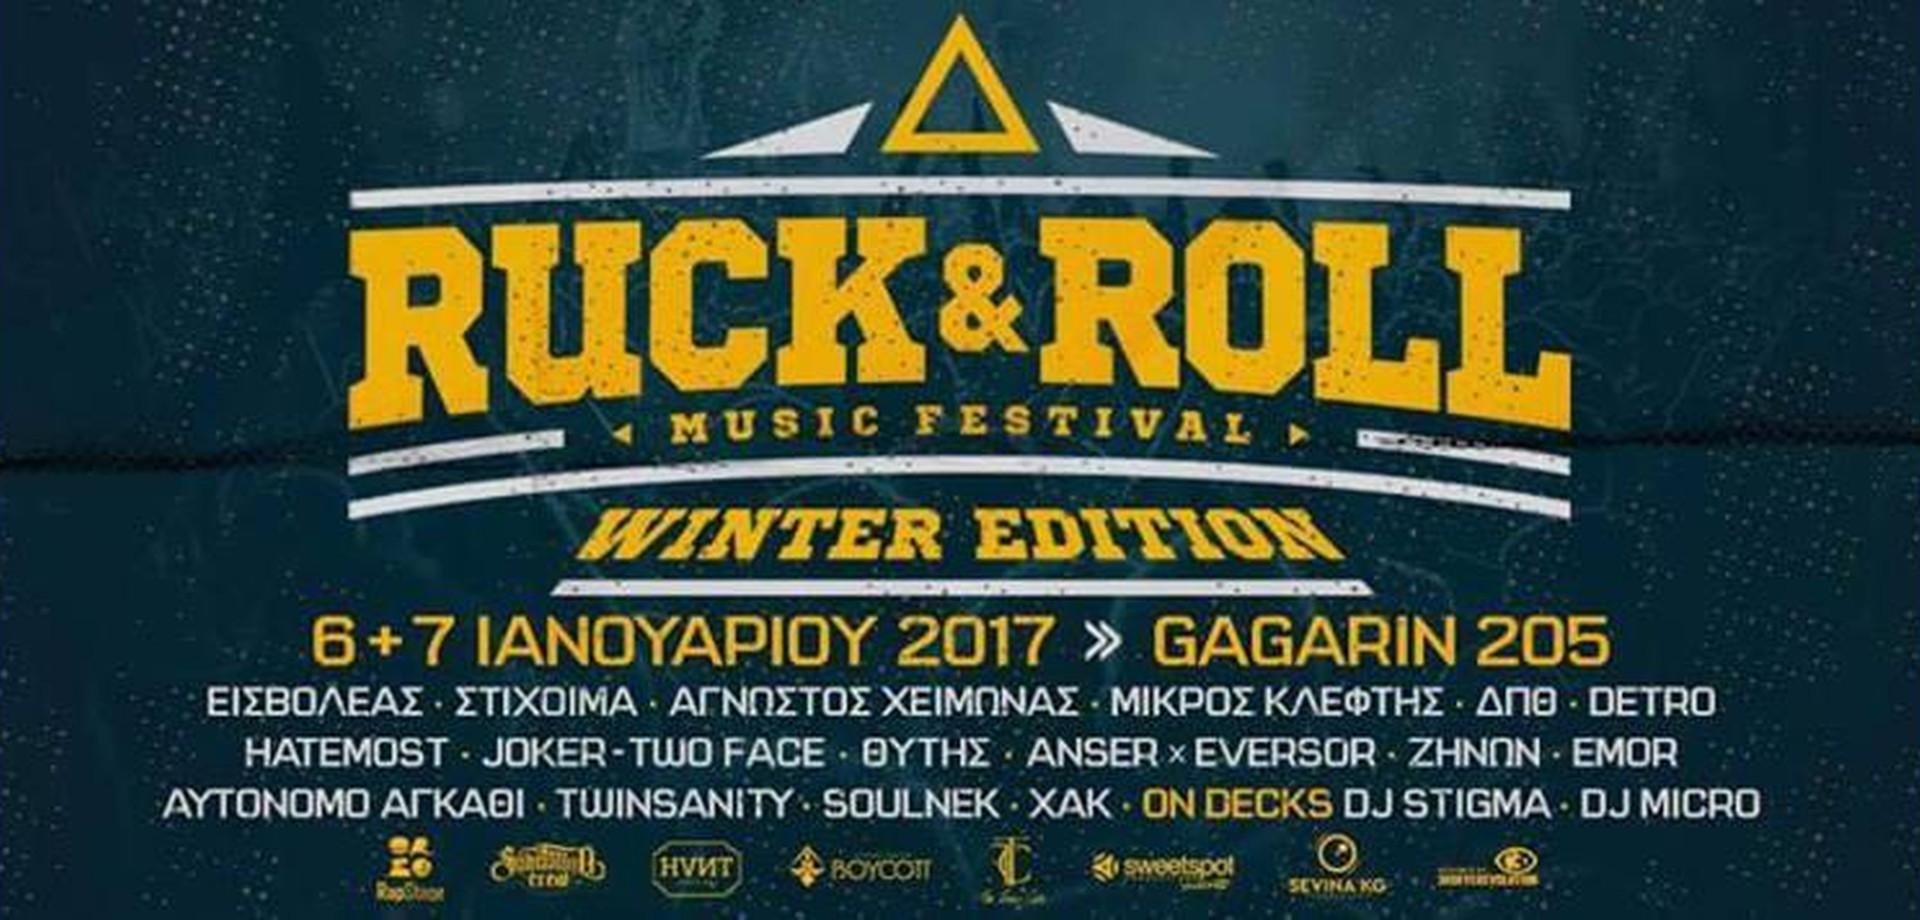 «Ruck n Roll Music Festival Winter Edition» στο Gagarin 205